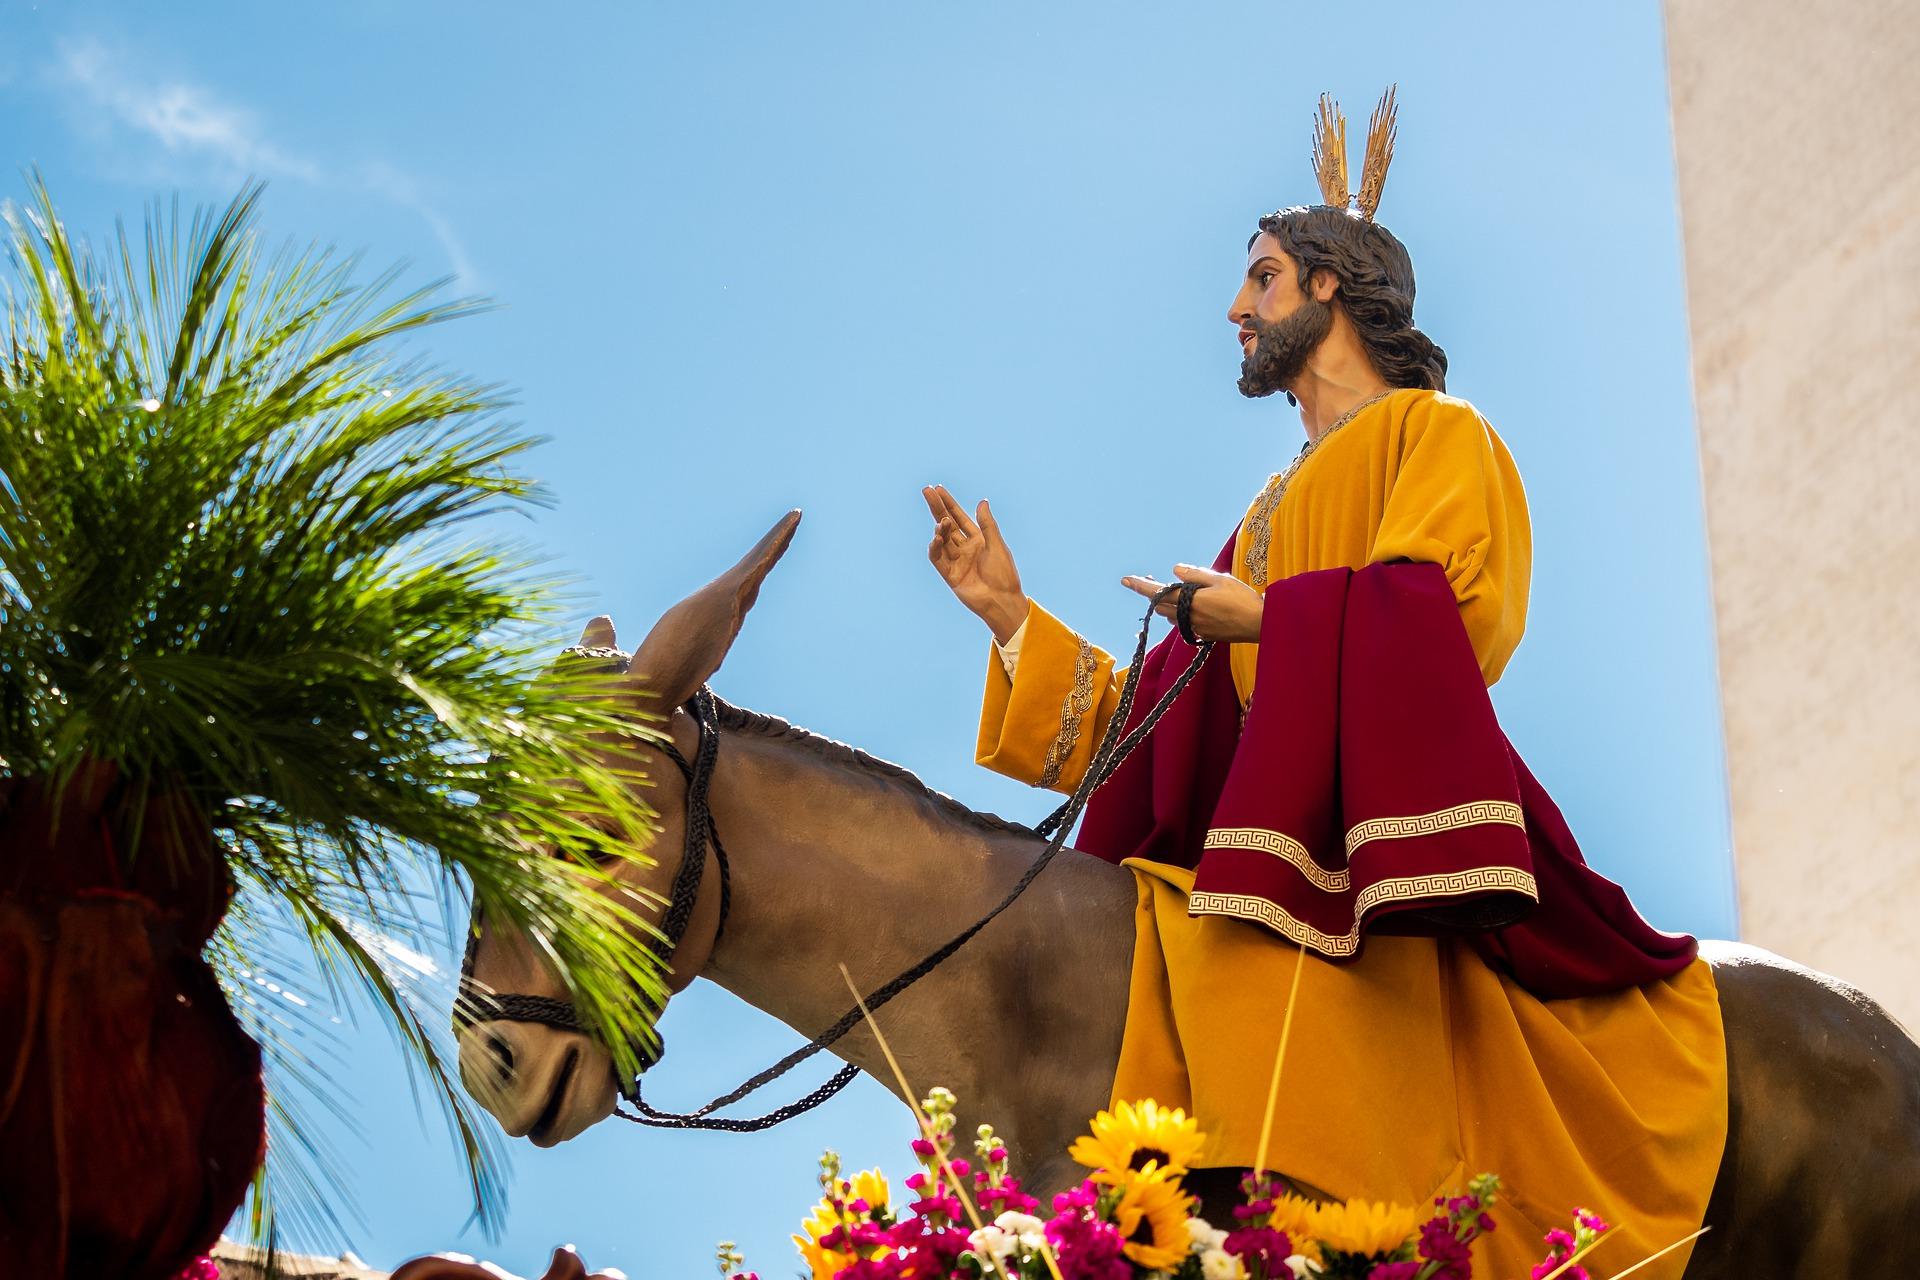 Jeesus ratsastaa aasilla. Pixabay.